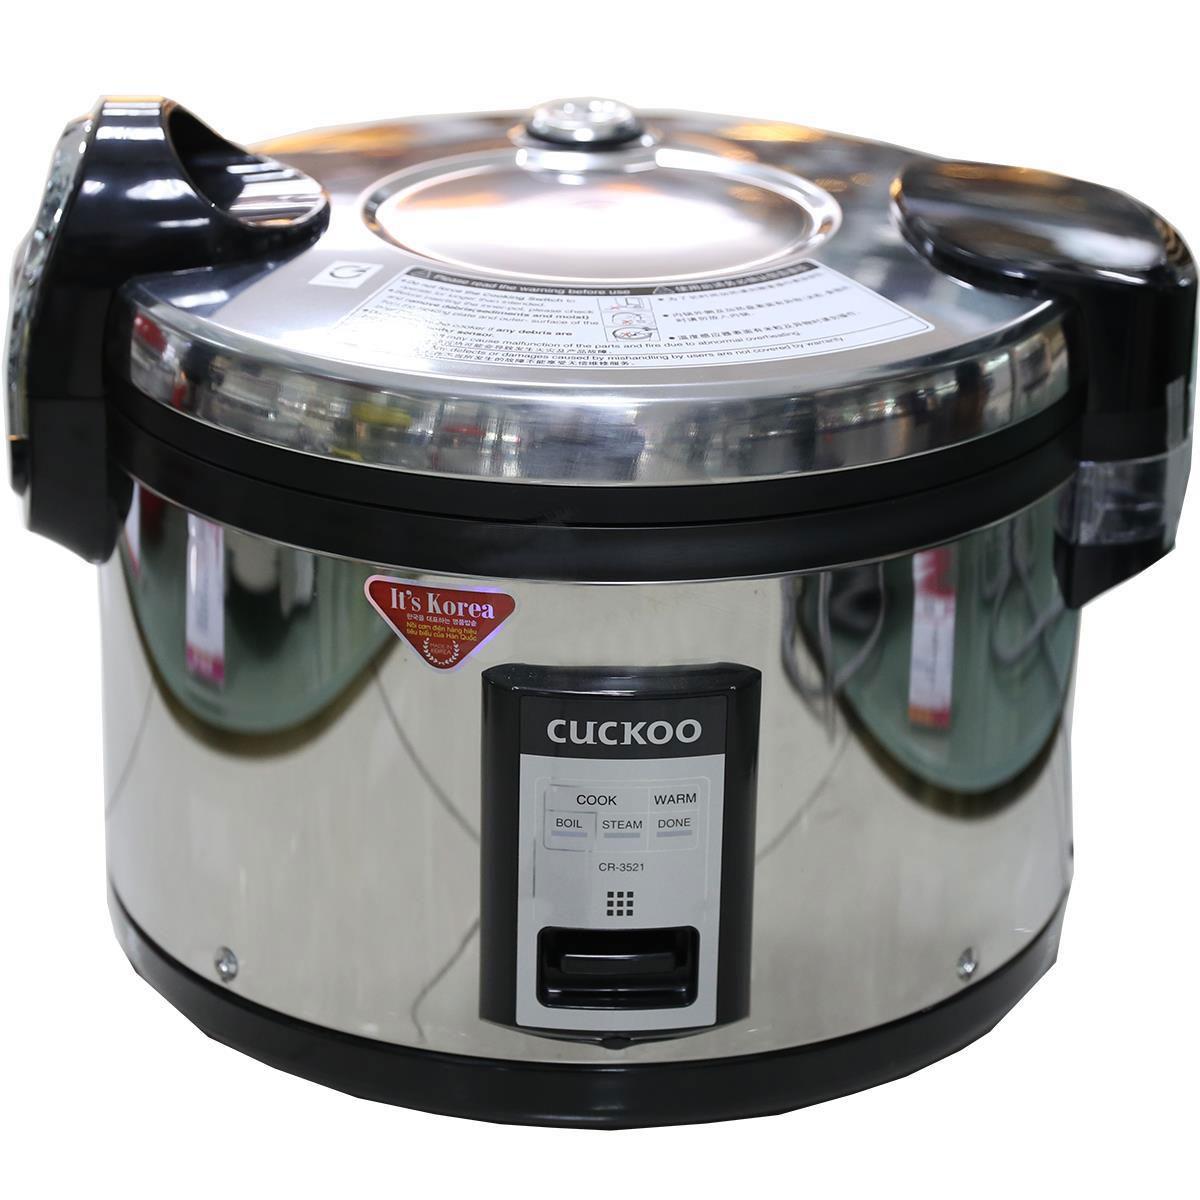 noi-com-dien-cuckoo-cr3521s-cr-3521s-6-3-lit